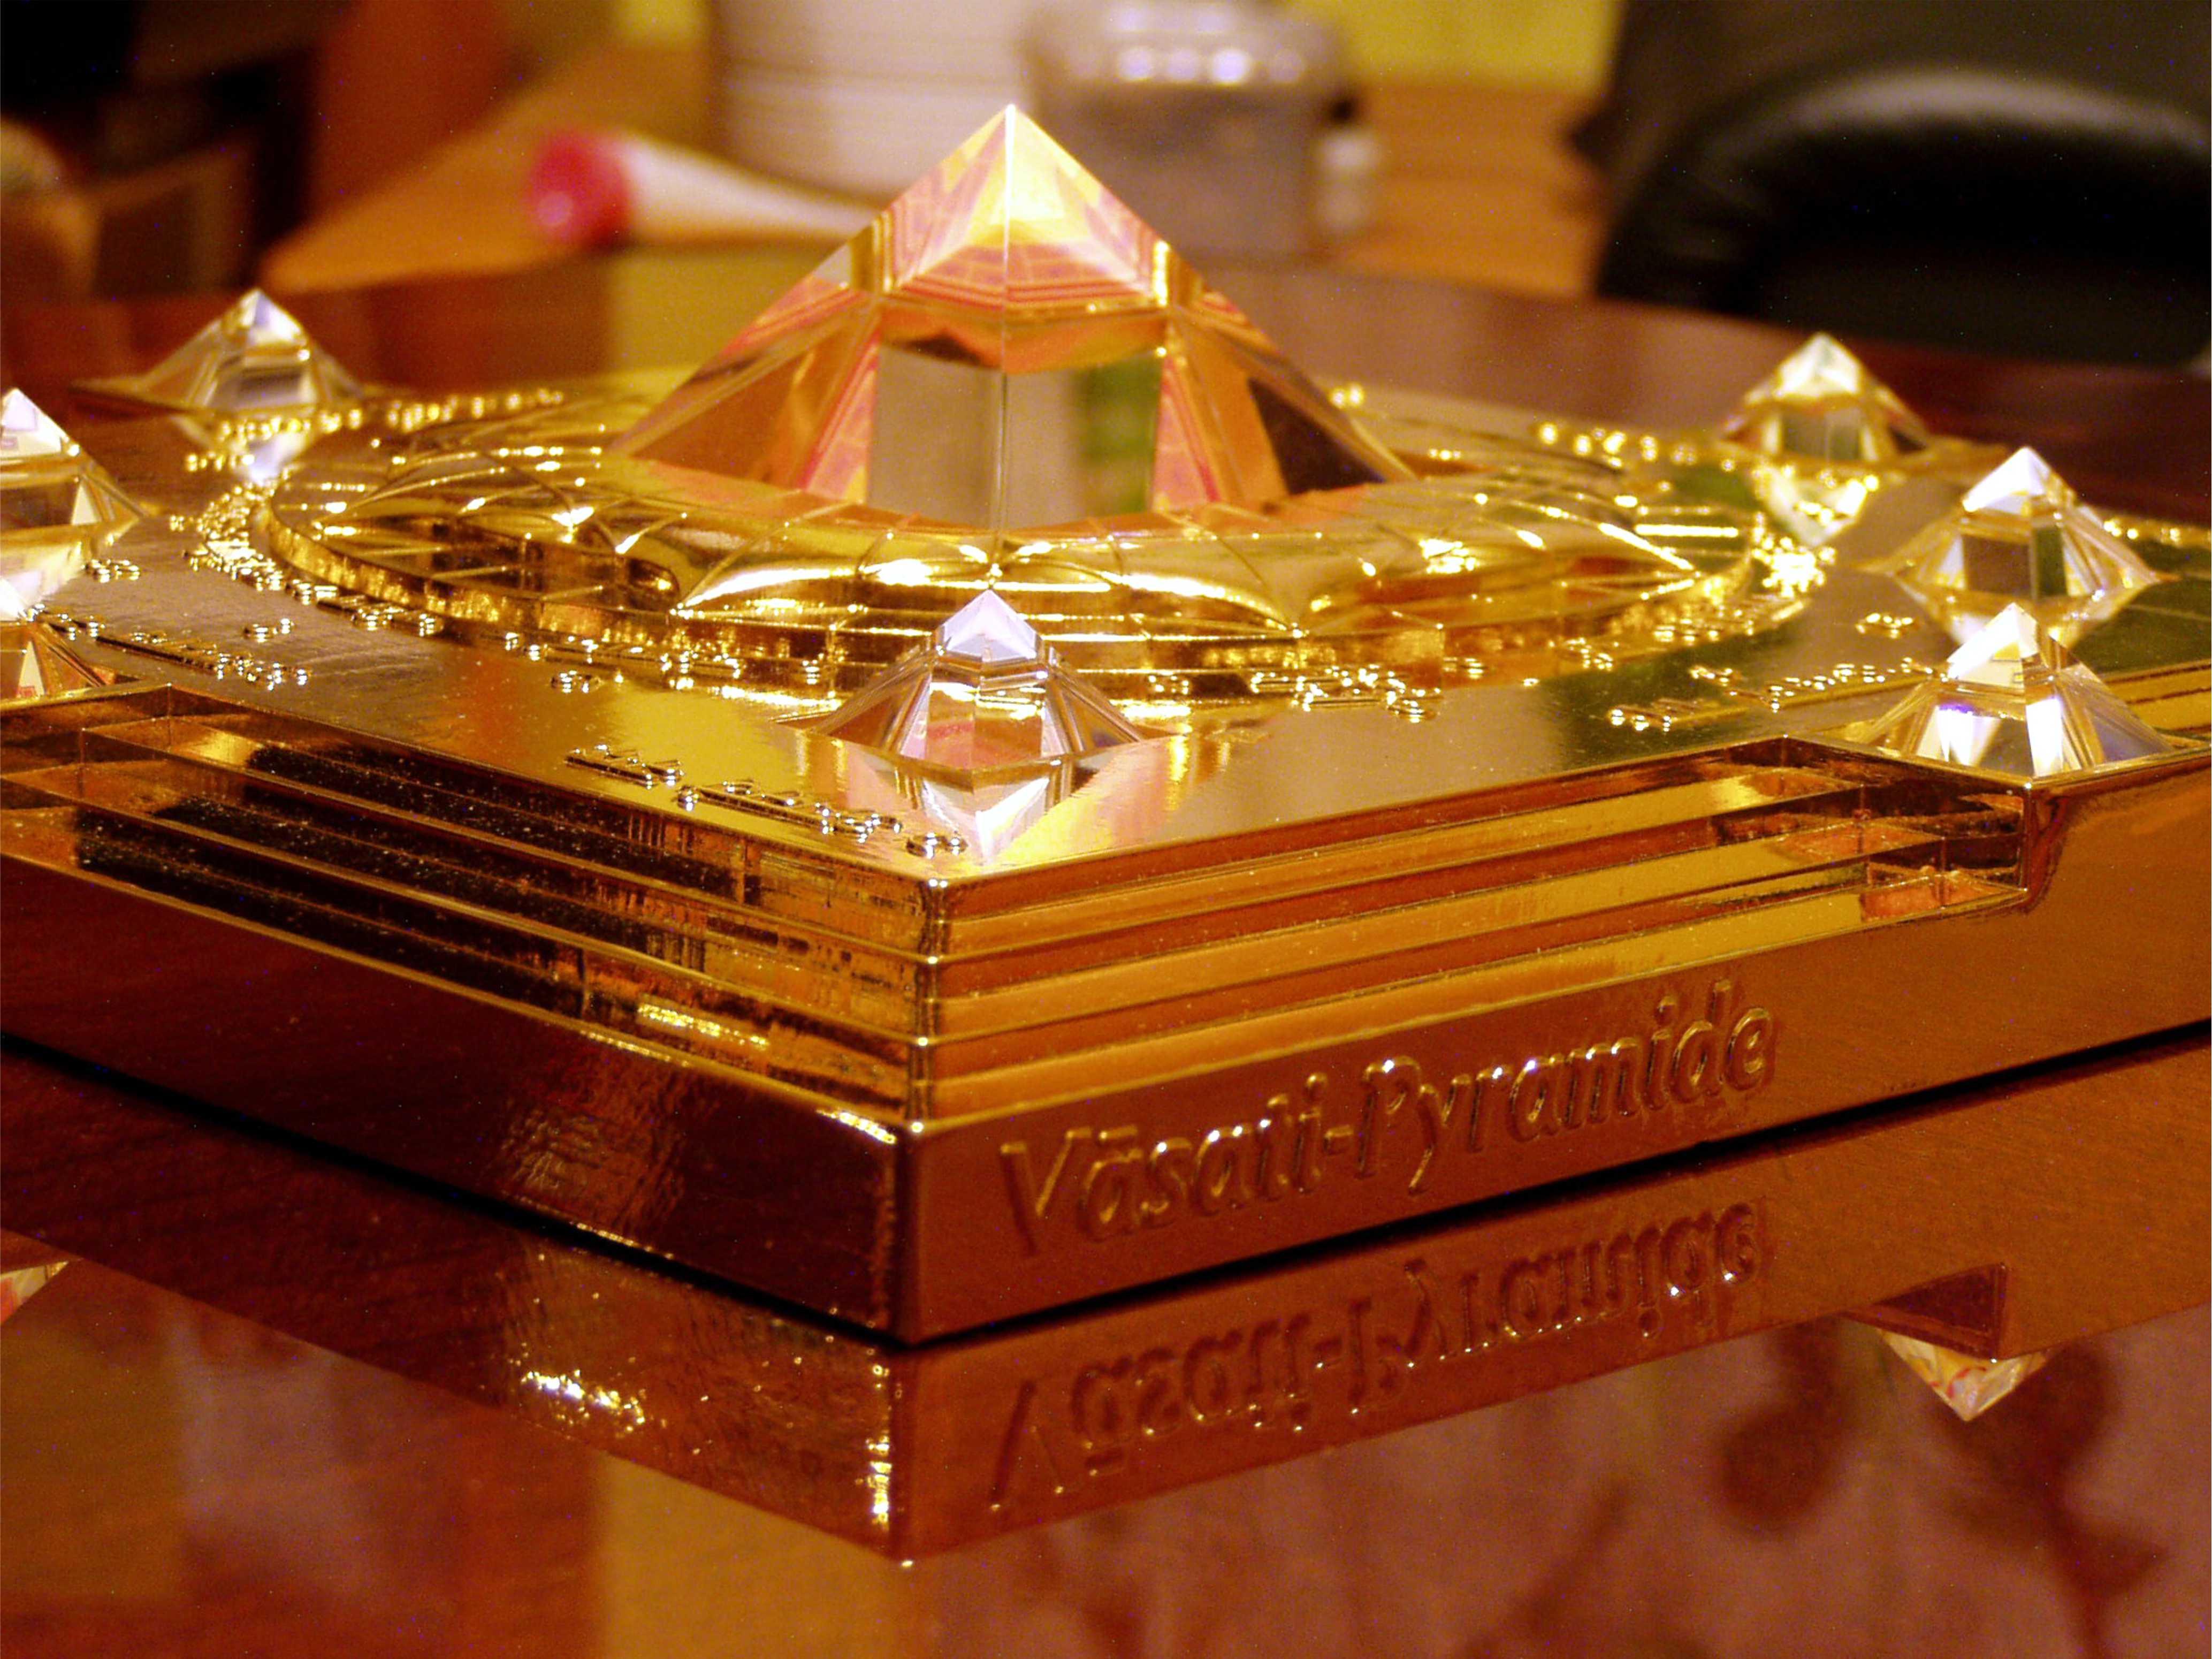 Ha nagyon zavaros a ház közepe és nem lehet átalakítani, a Vaszati piramis nyújt hatásos segítséget.